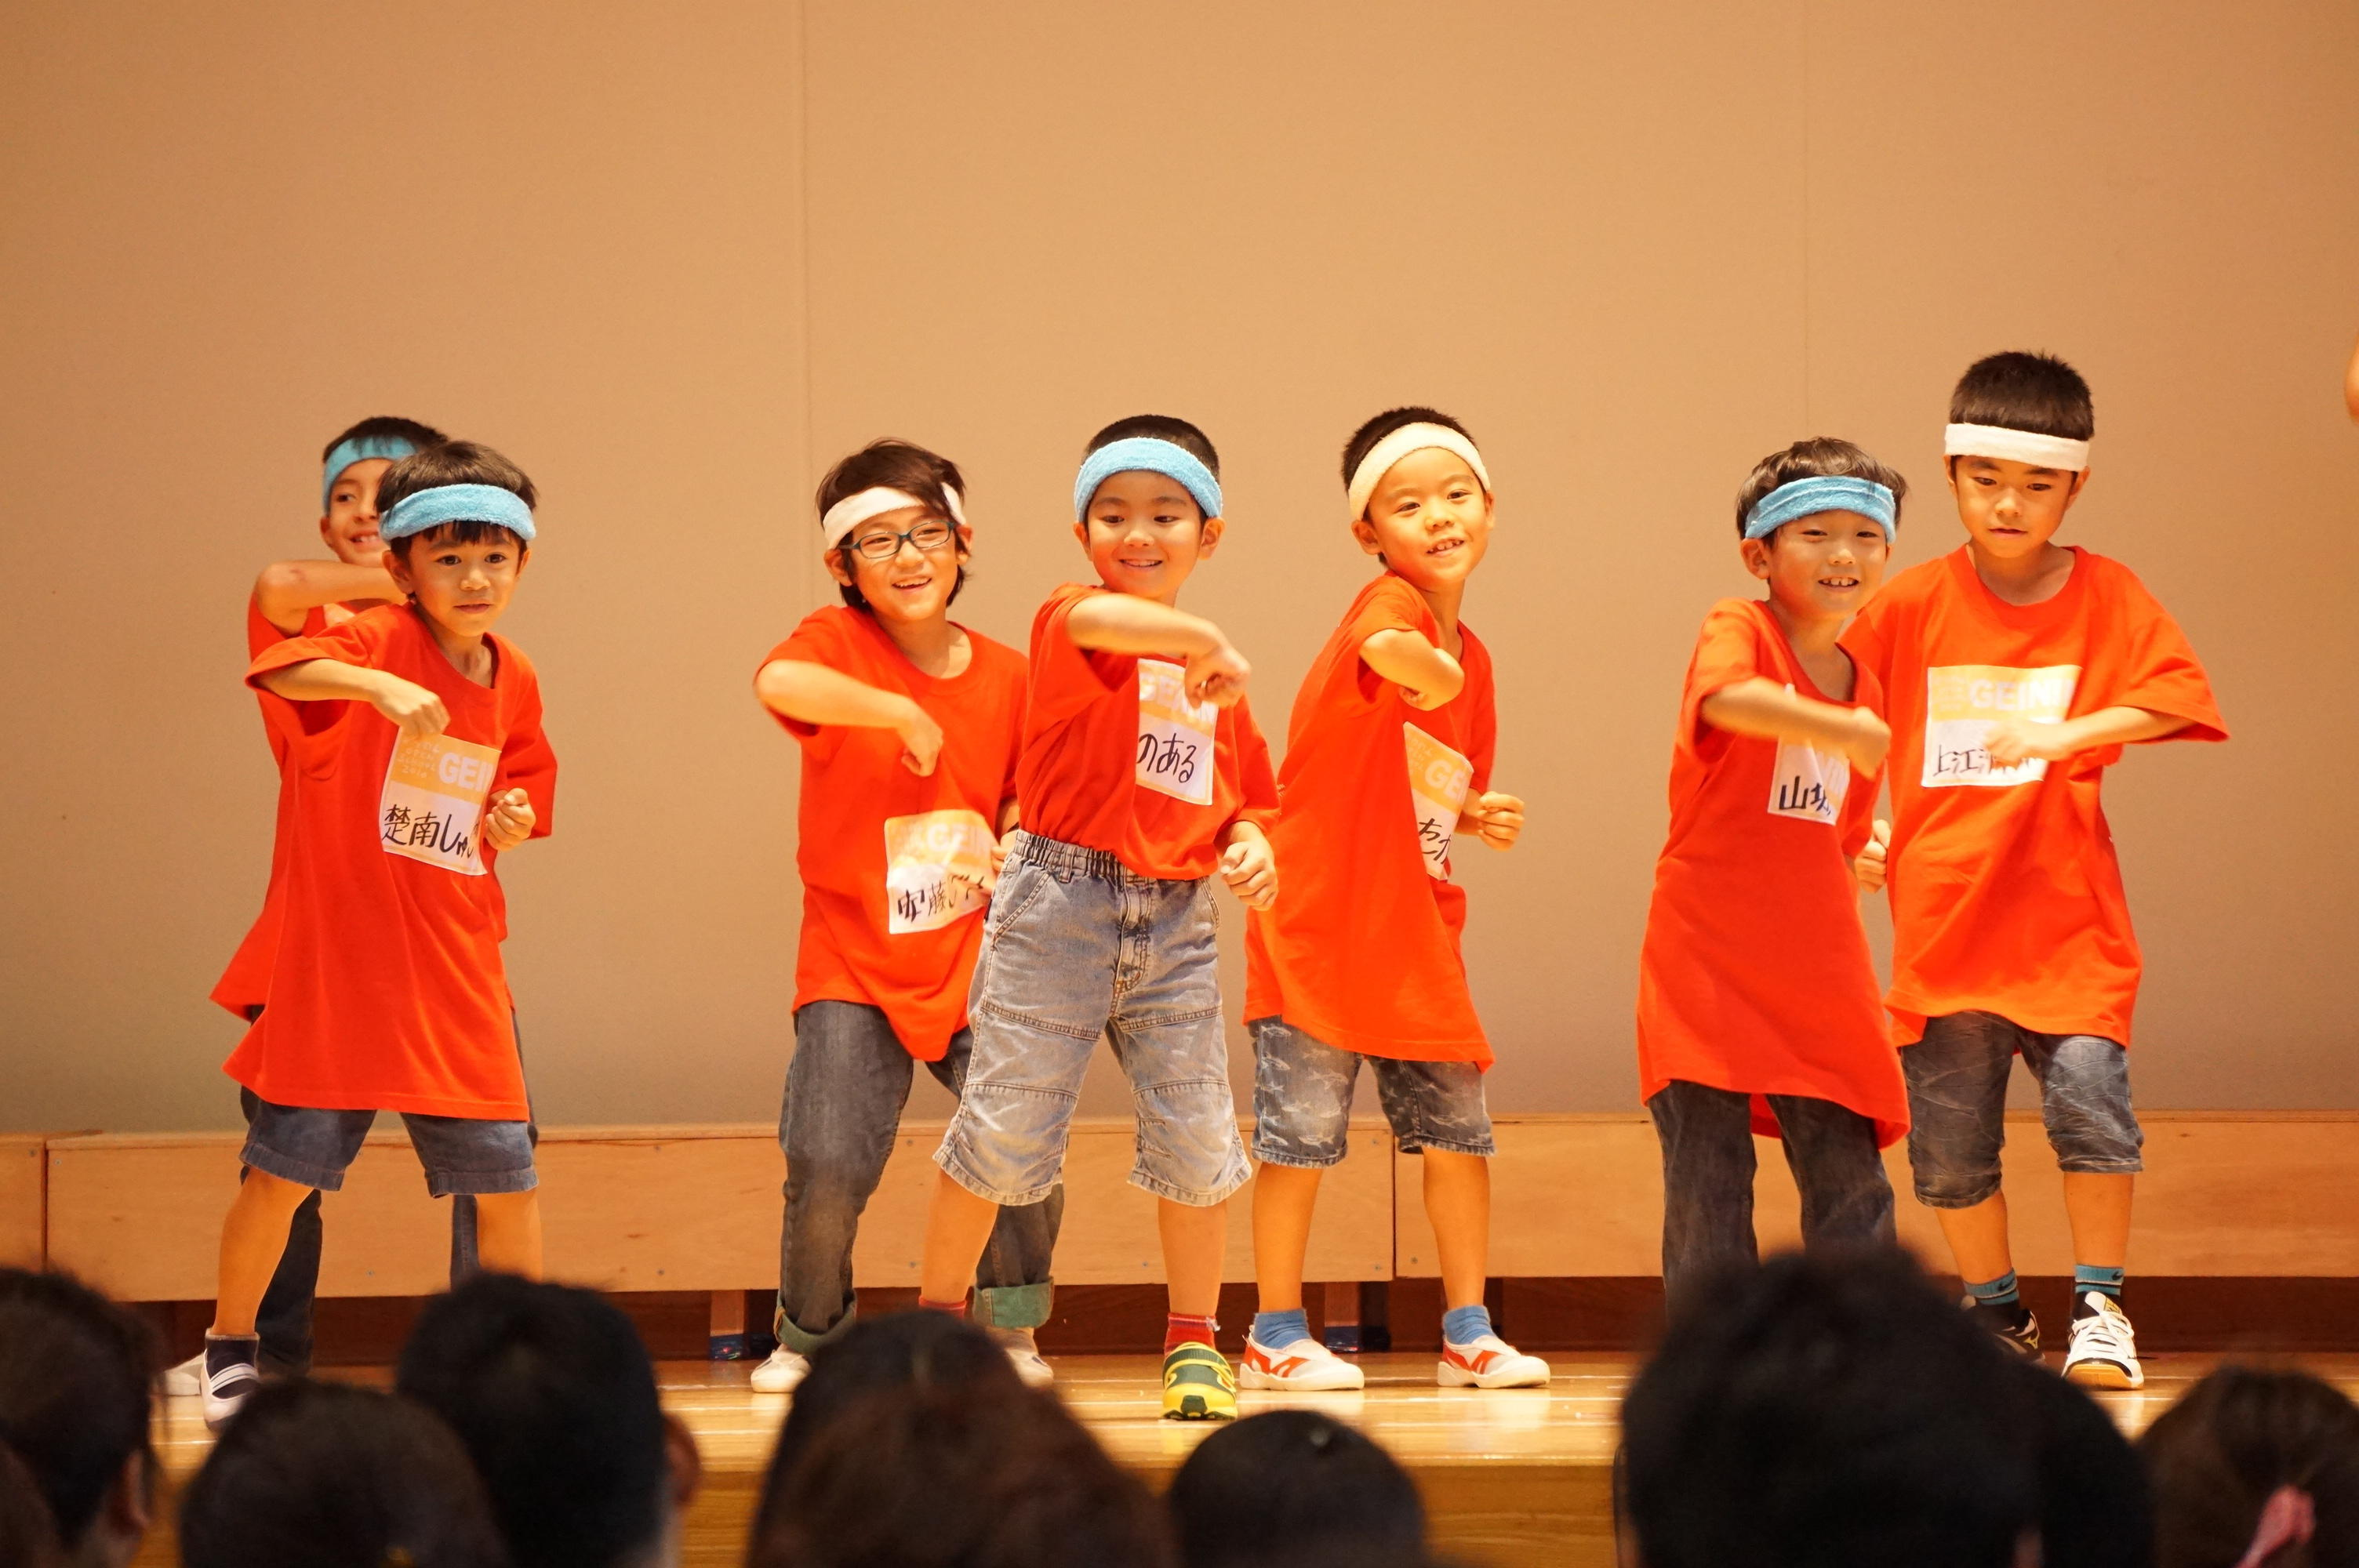 http://news.yoshimoto.co.jp/20161121154017-3e4ed174a35f9567b1e90ef0f16f0b443d9687e2.jpg